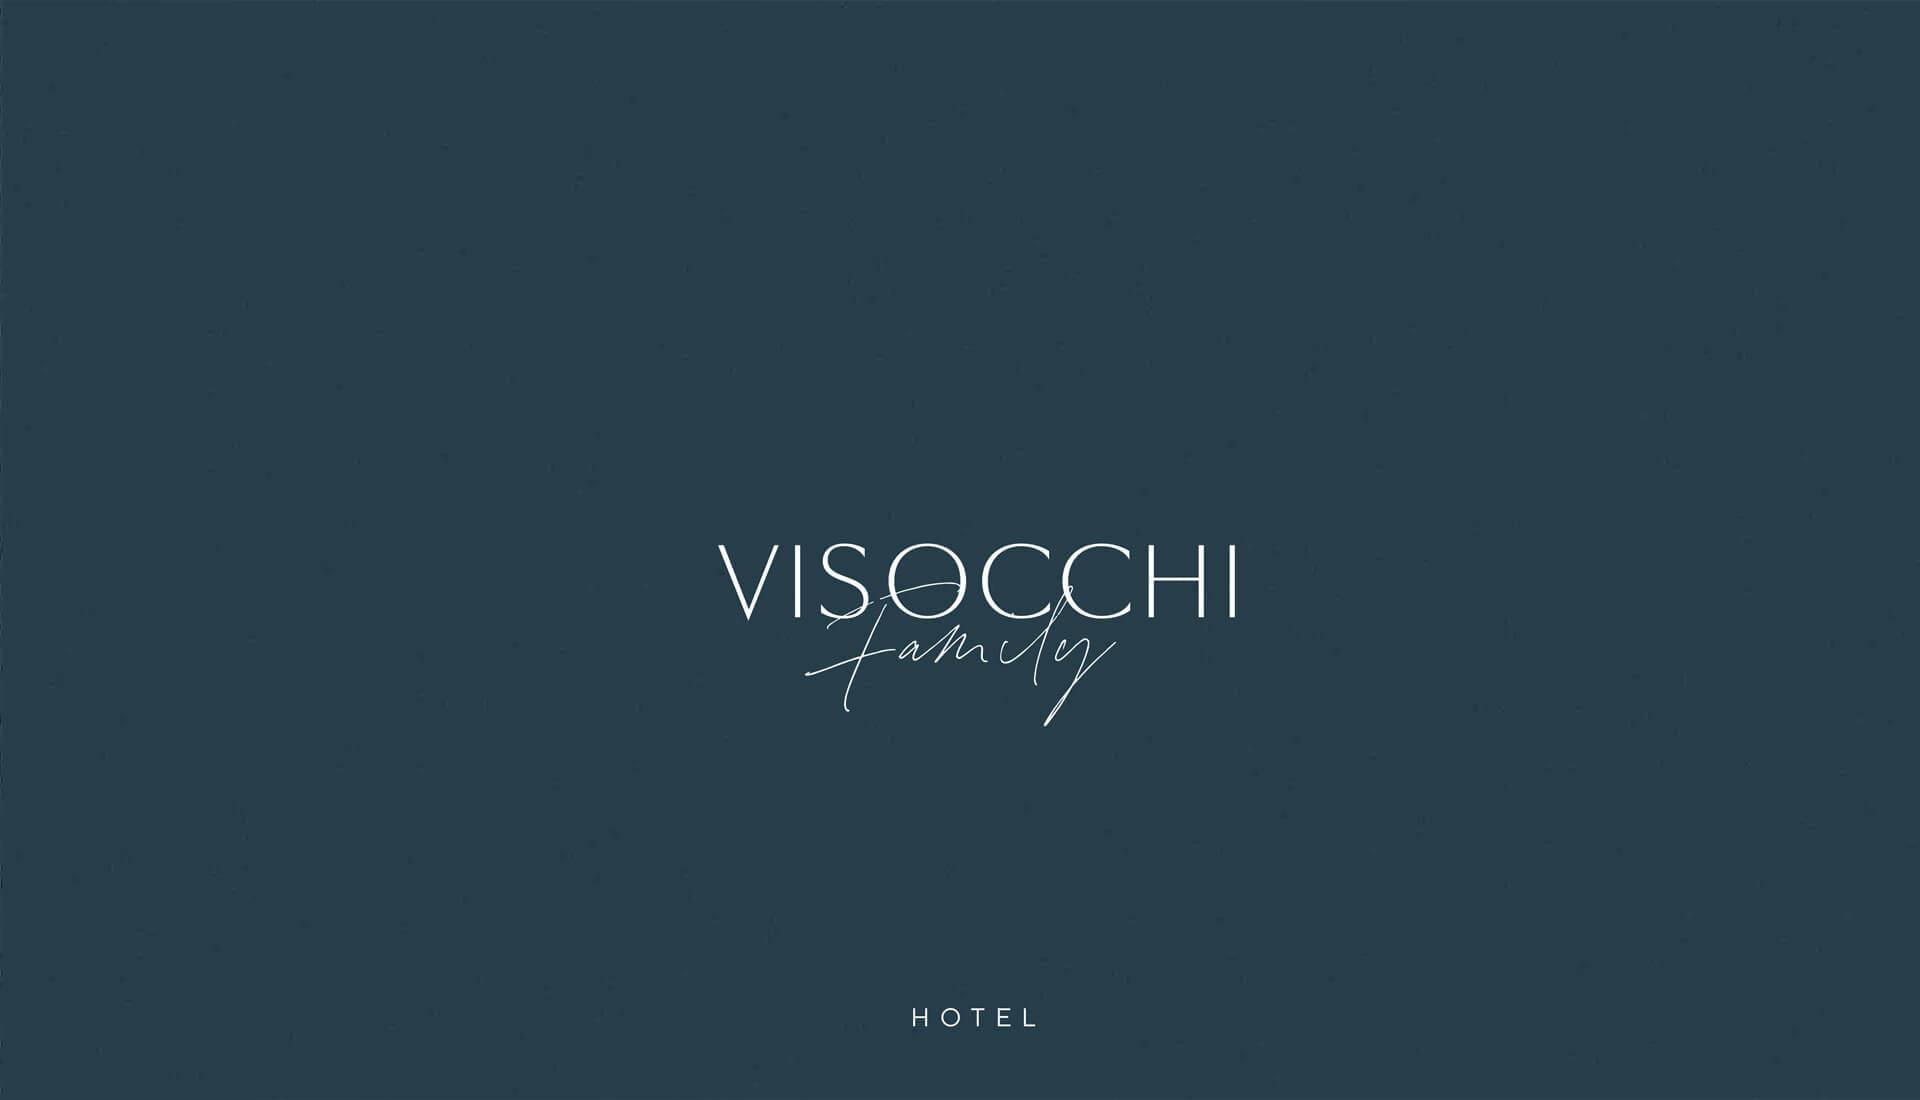 vissochi-hotelman-portfolio-7